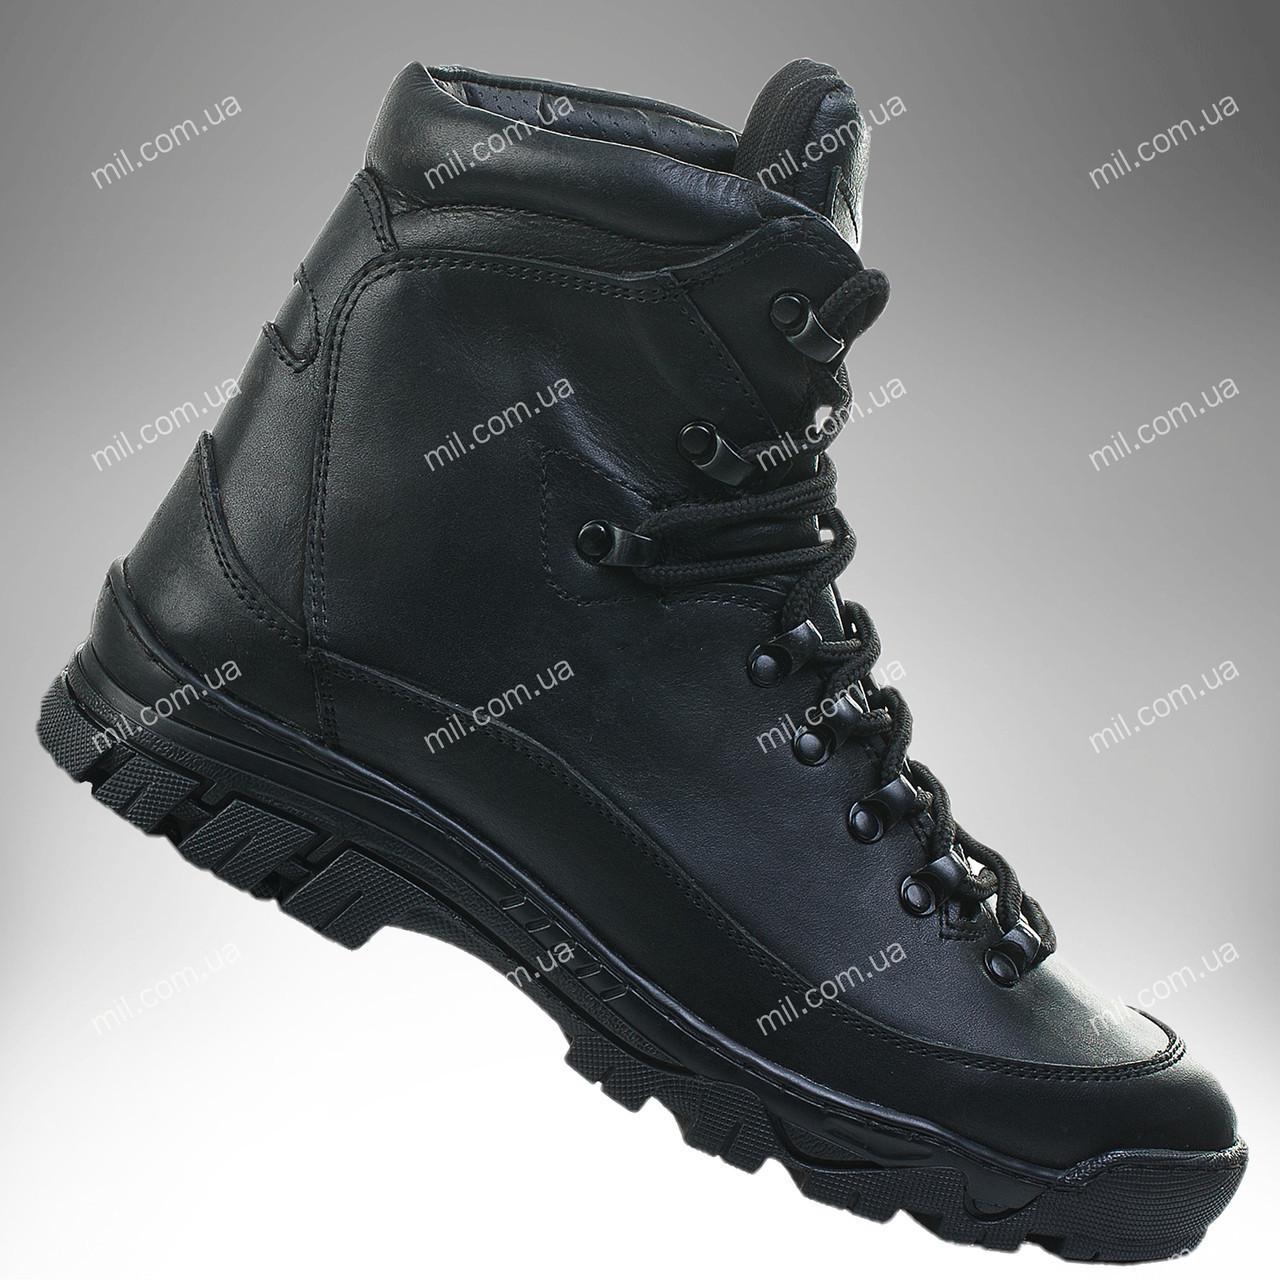 Армейские ботинки зимние / военная, тактическая обувь АНТЕЙ (черный)